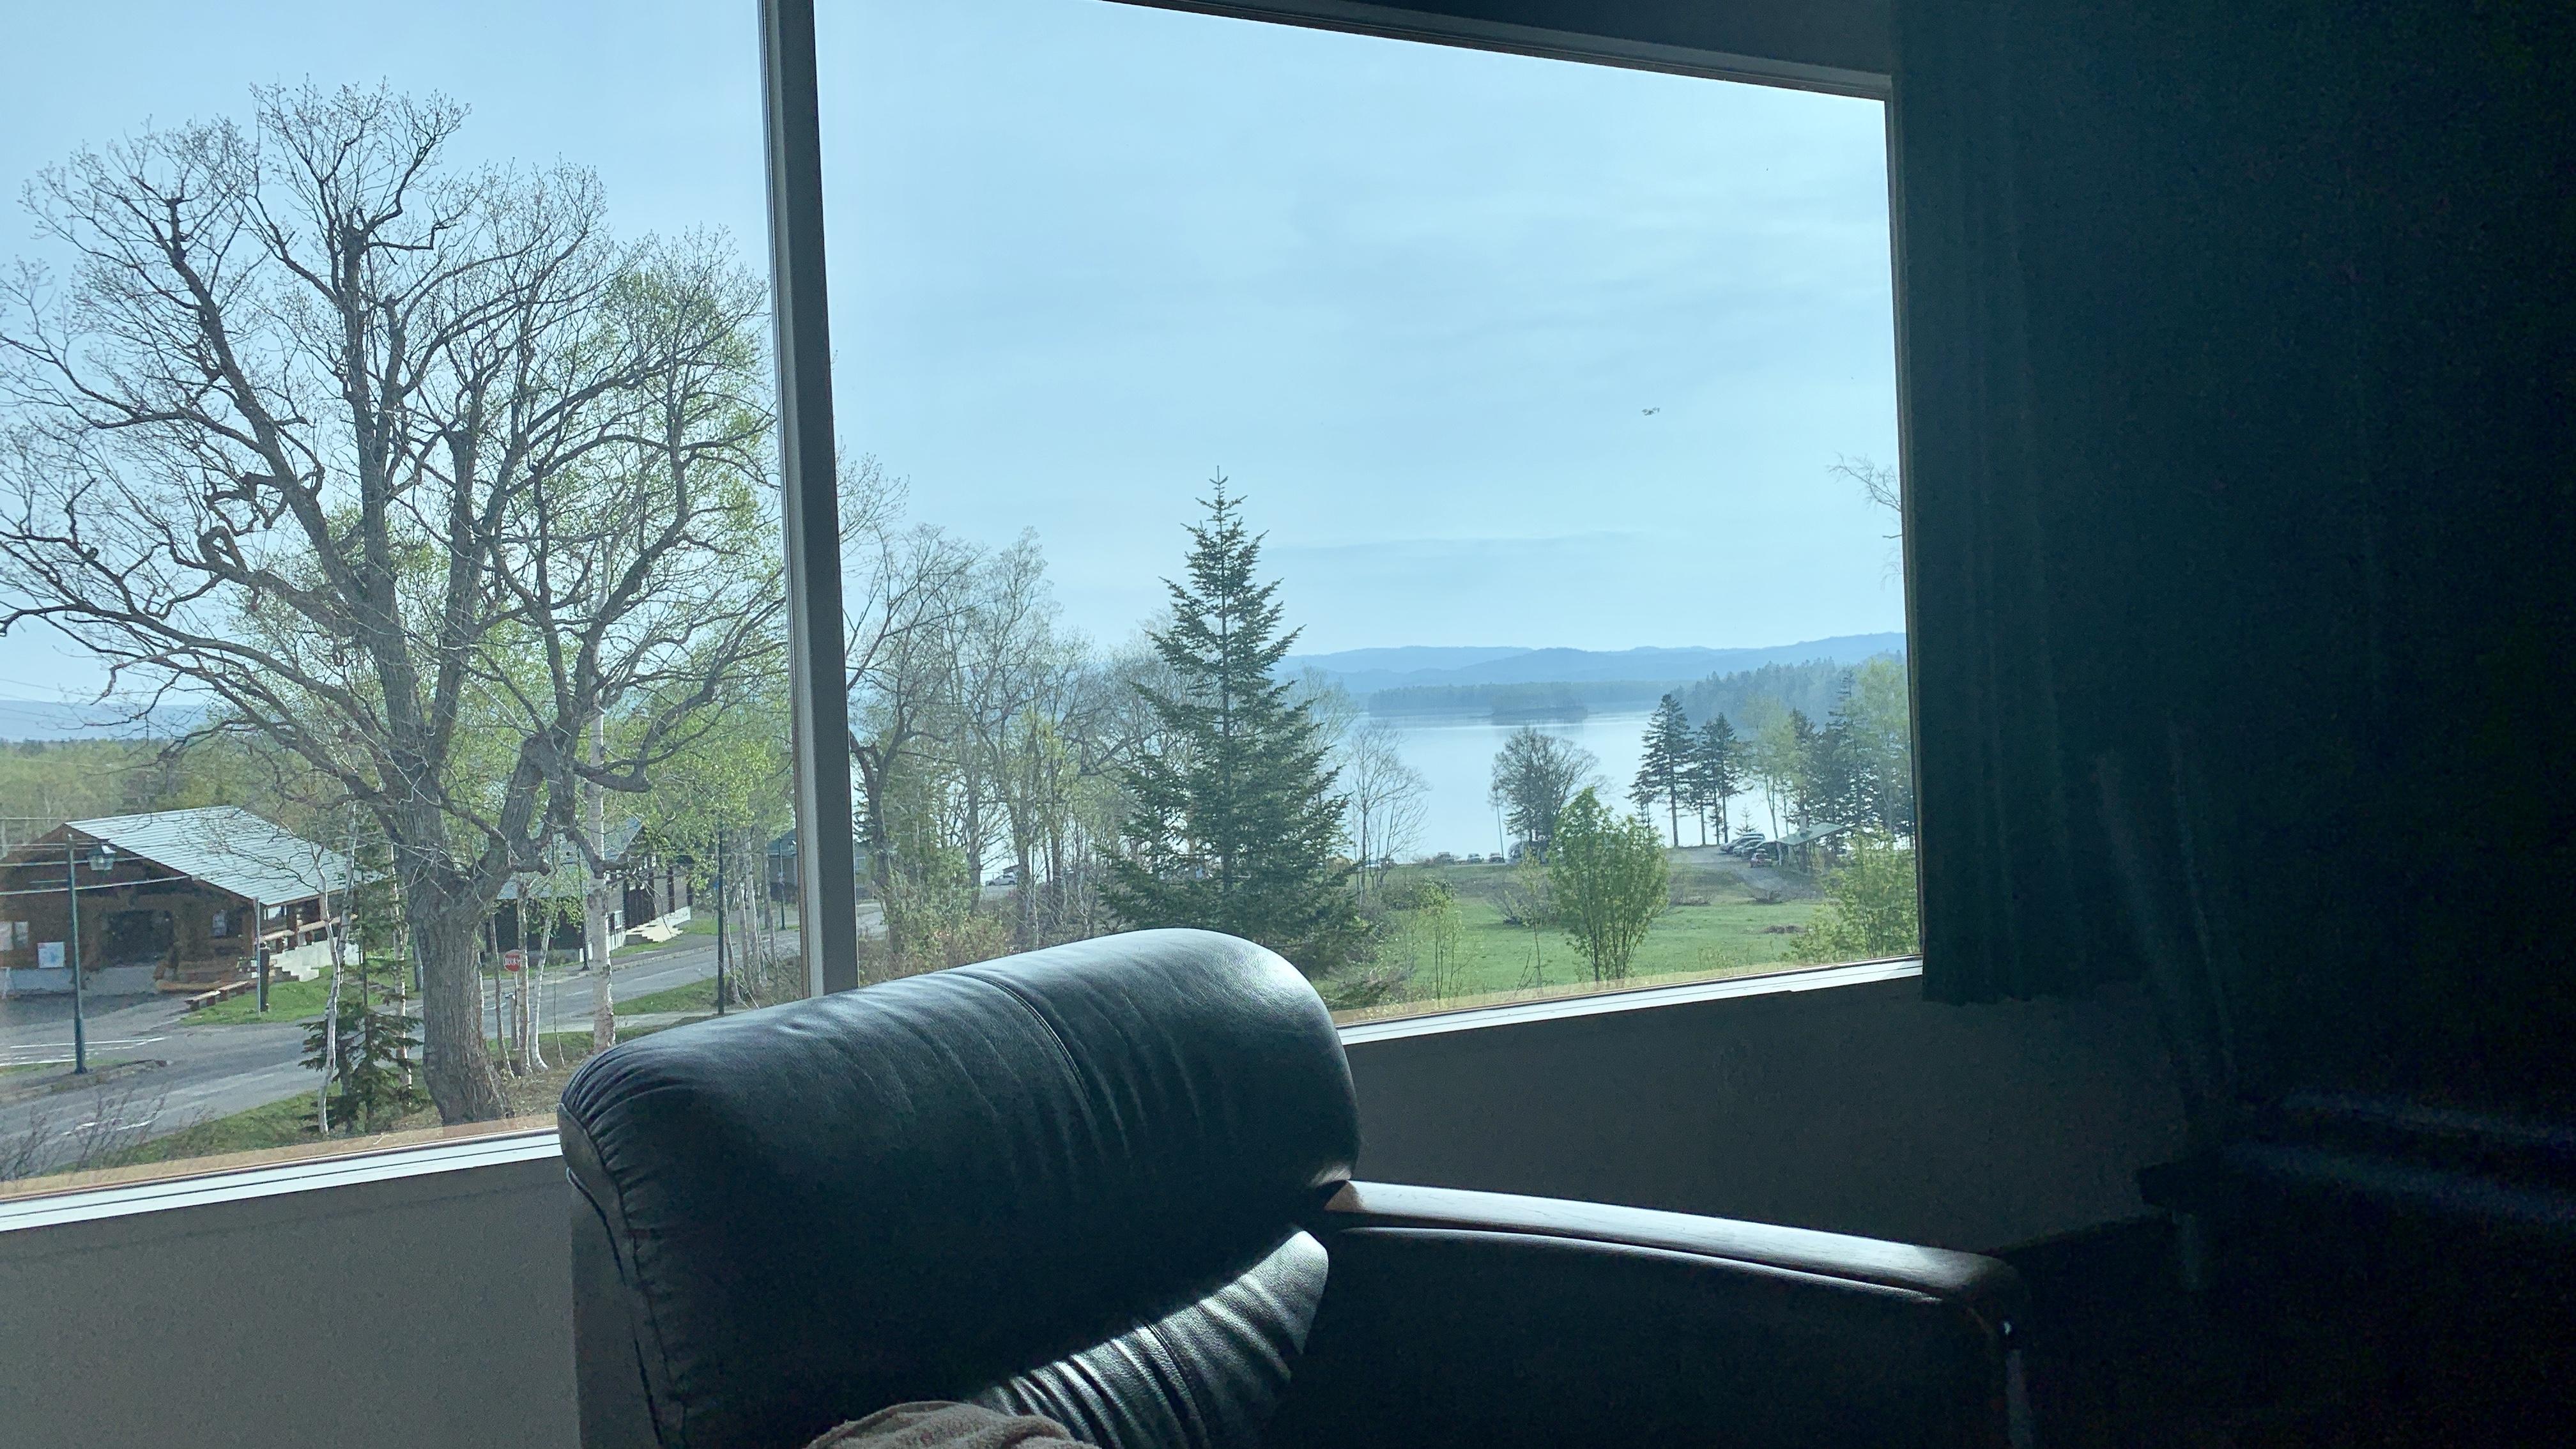 レークハウスしゅまりない大部屋から見る朱鞠内湖